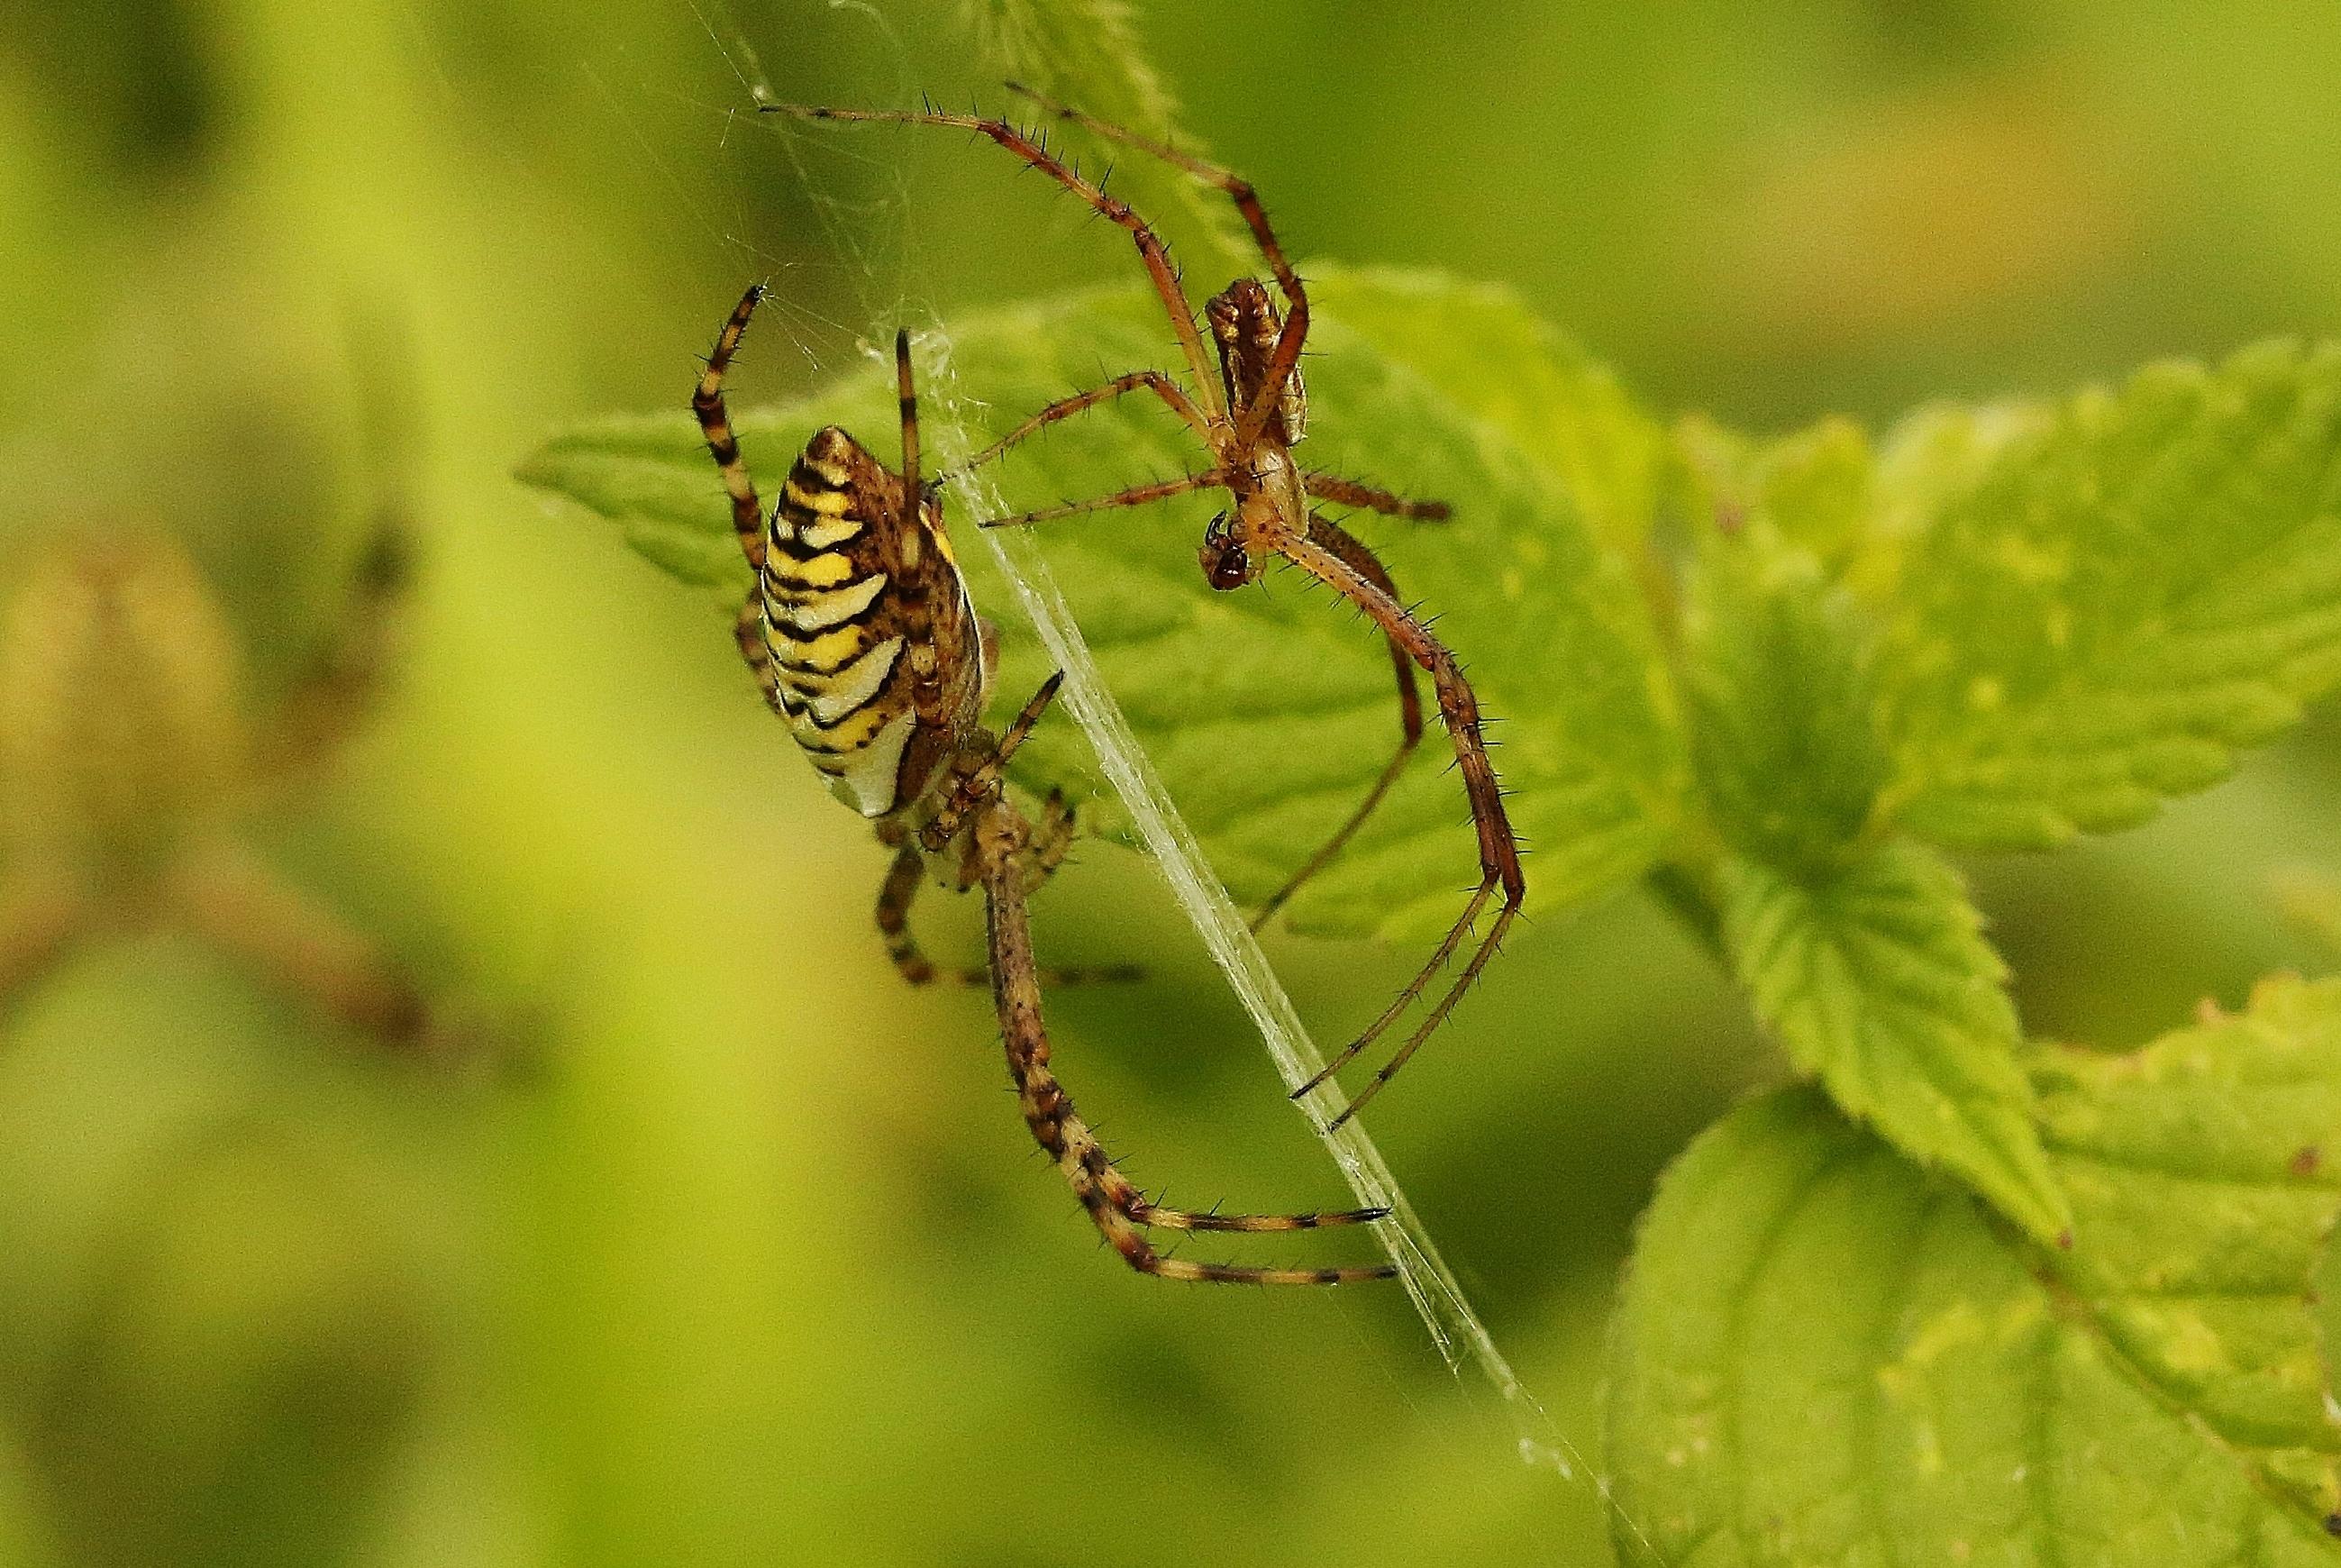 männliche und weibliche Wespenspinne bevor der Paarung